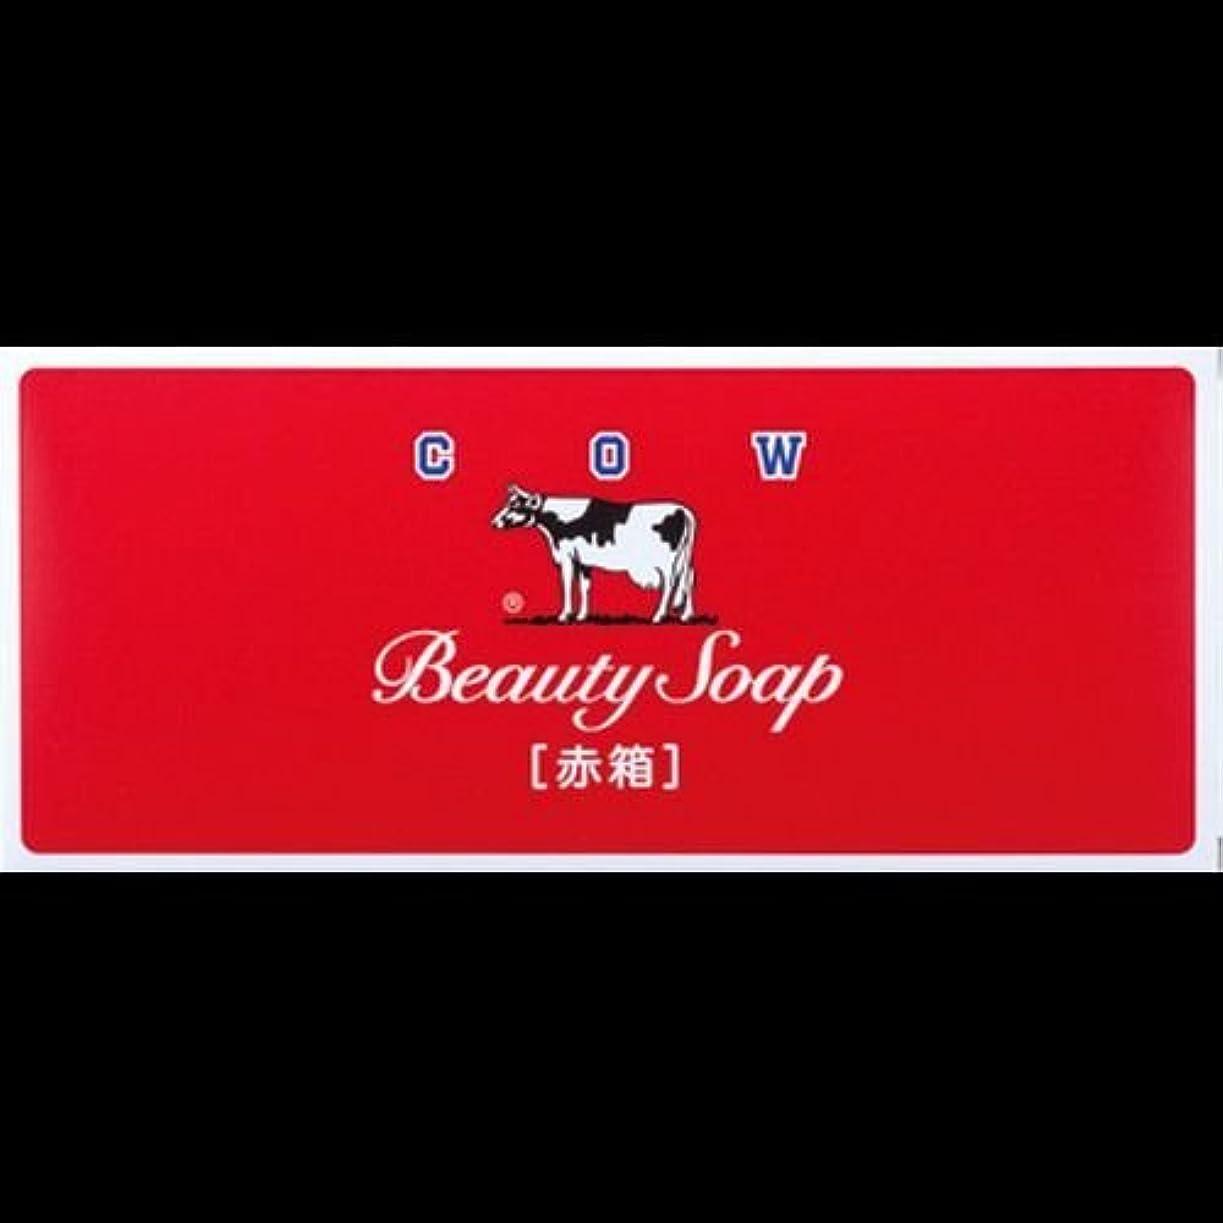 サミット責める今日【まとめ買い】カウブランド石鹸 赤箱100g*6個 ×2セット